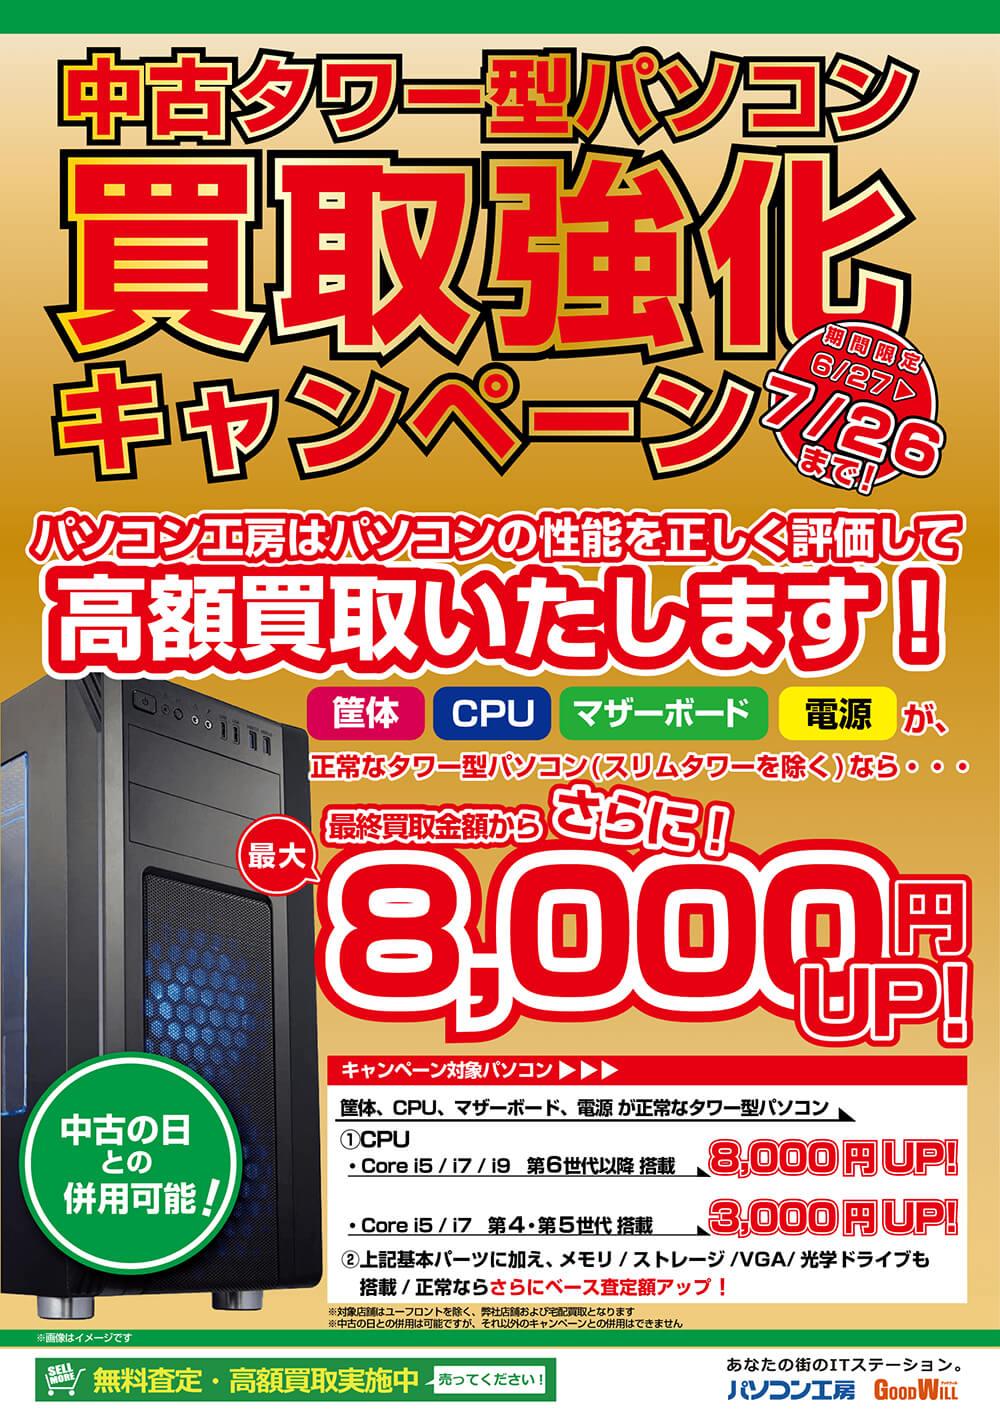 中古タワー型パソコン買取強化キャンペーン